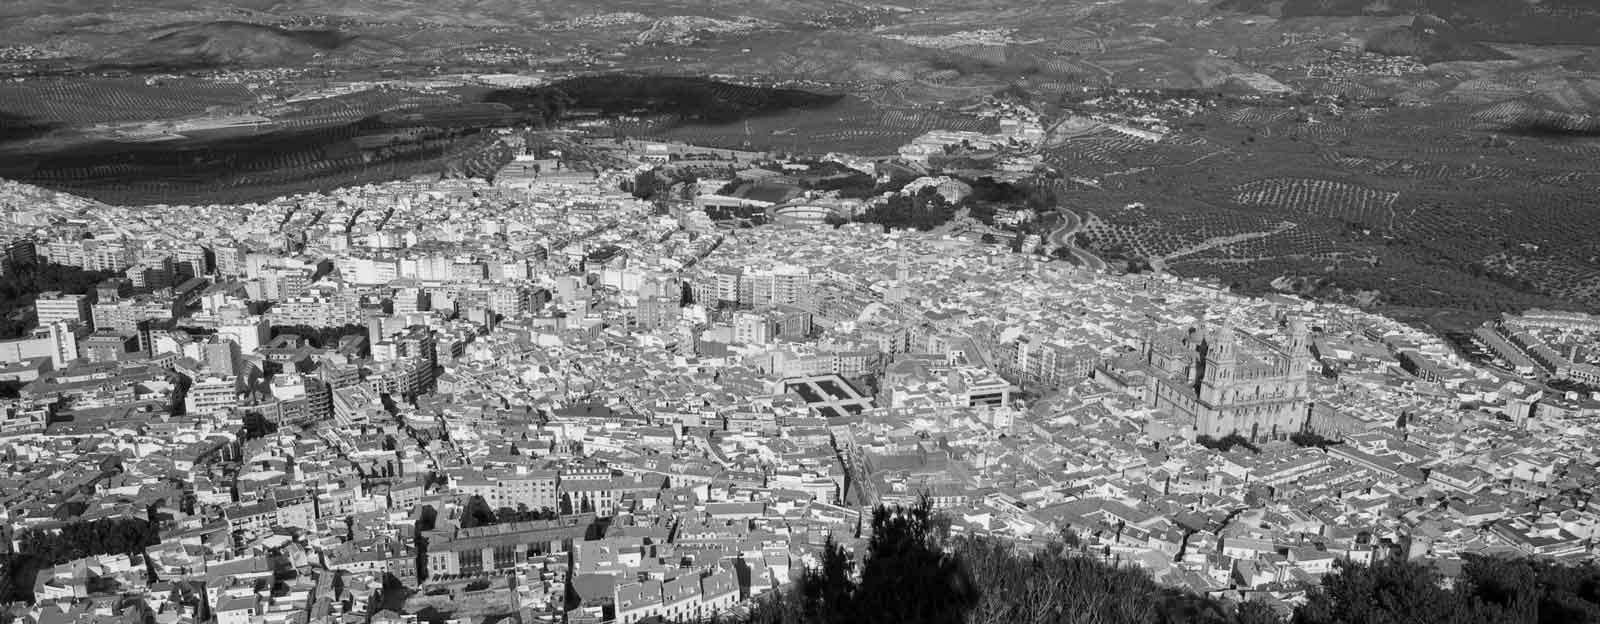 Imprime al mejor precio en Jaén. Colorprinter es mucho más que una imprenta que presta servicio en Jaén, estamos especializados como imprenta para empresas porque también ofrecemos diseño gráfico y asesoramiento publicitario.